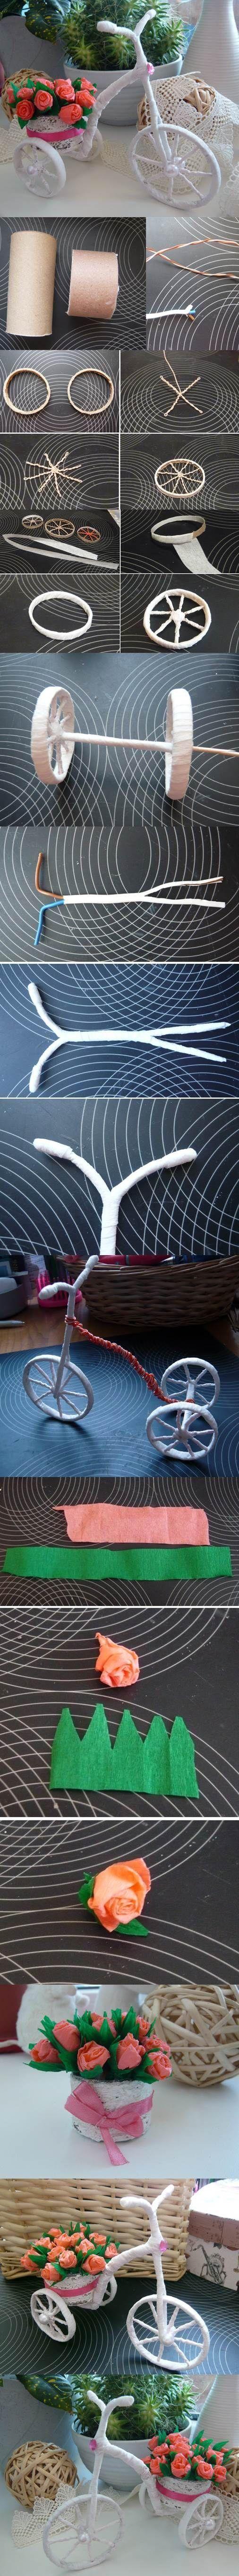 Handmad DIY Bike Home Decor.Craft ideas 7389 - LC.Pandahall.com